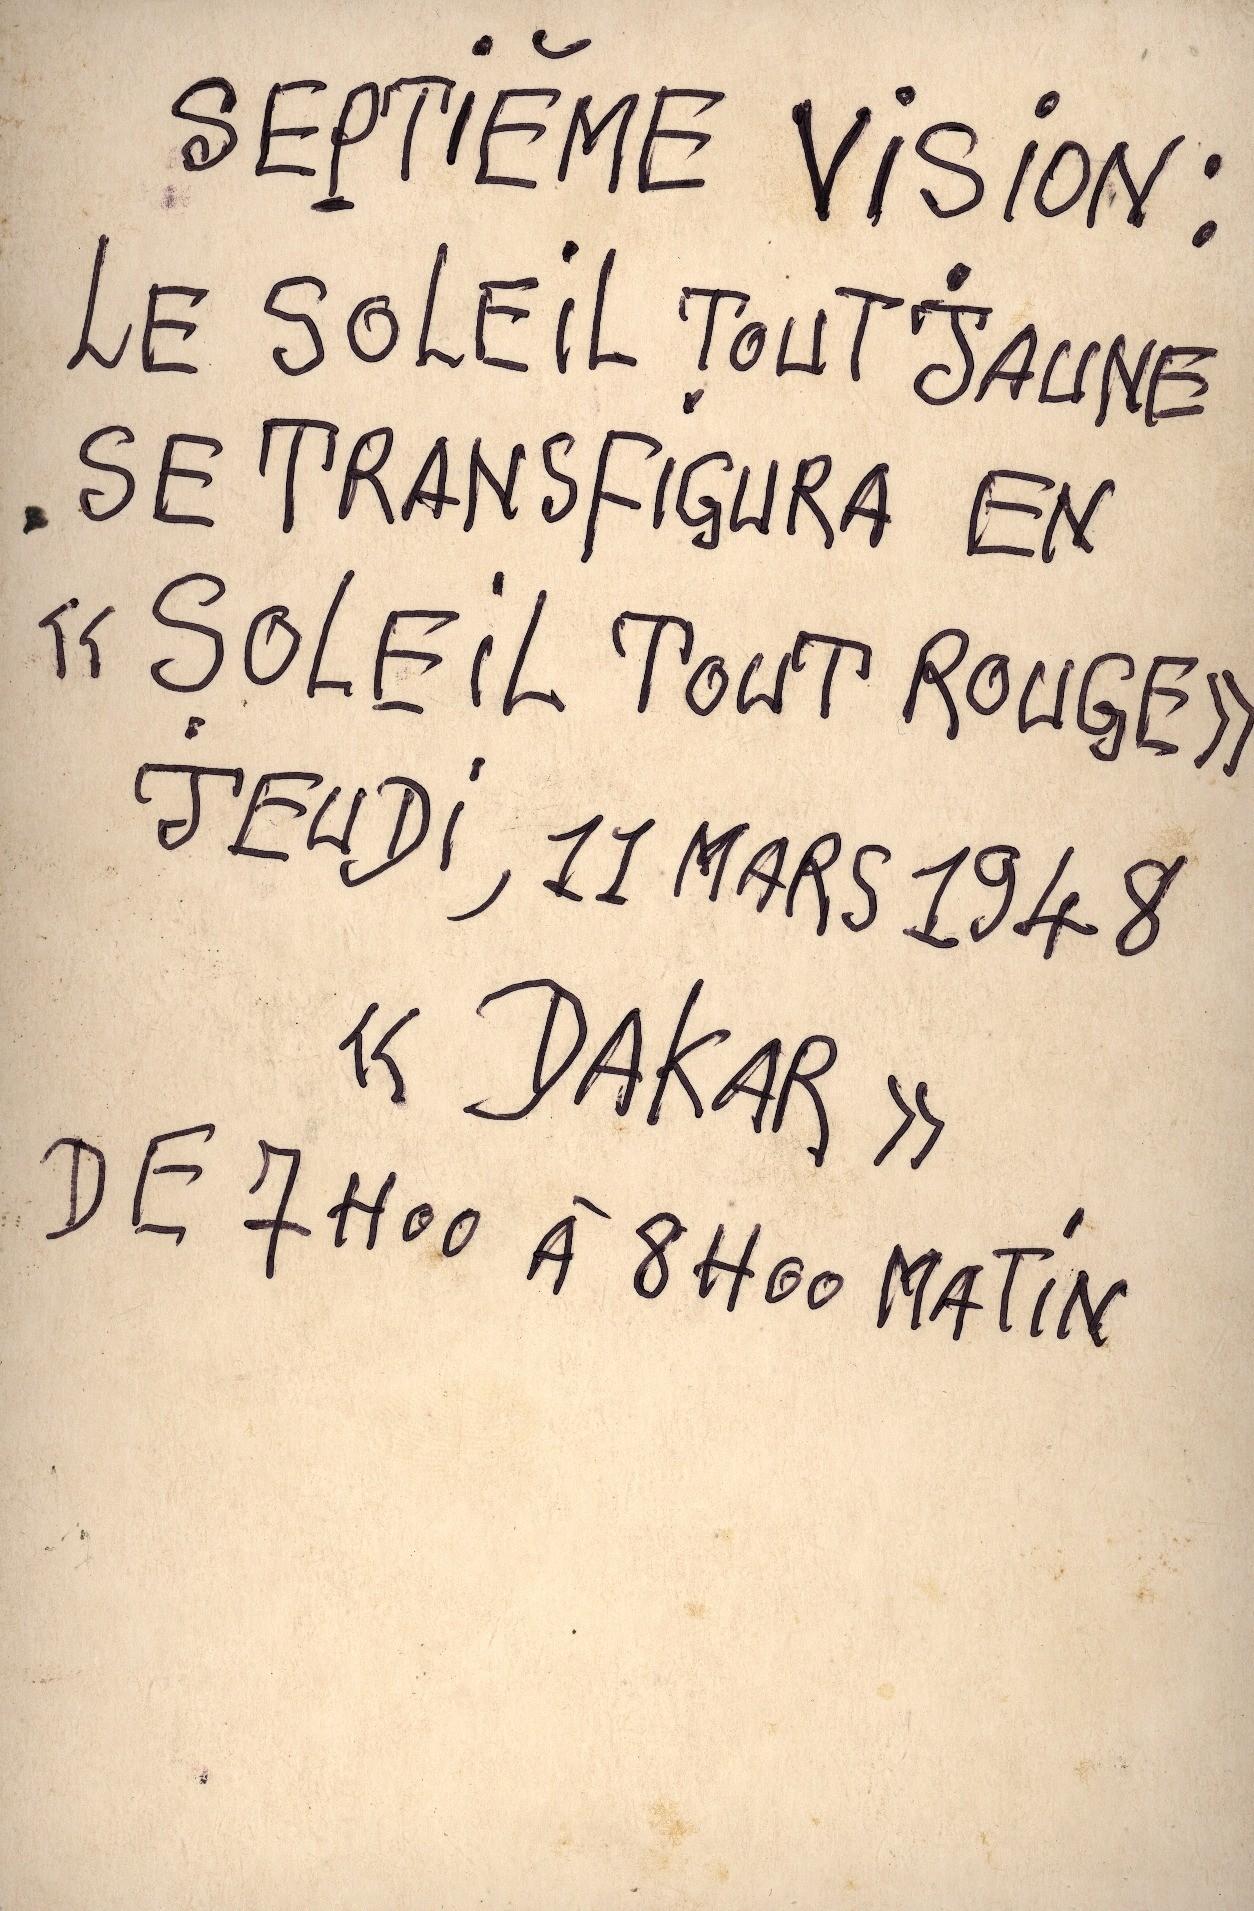 Frédéric Bruly Bouabré, Vision solaire dans l'ordre des persécutés en date du 11 mars 1948, 1995, crayons de couleur et encre sur carton, 10 x (16,5 x 11 cm) - Collection Frac Occitanie Montpellier. Photo Jean-Luc Fournier